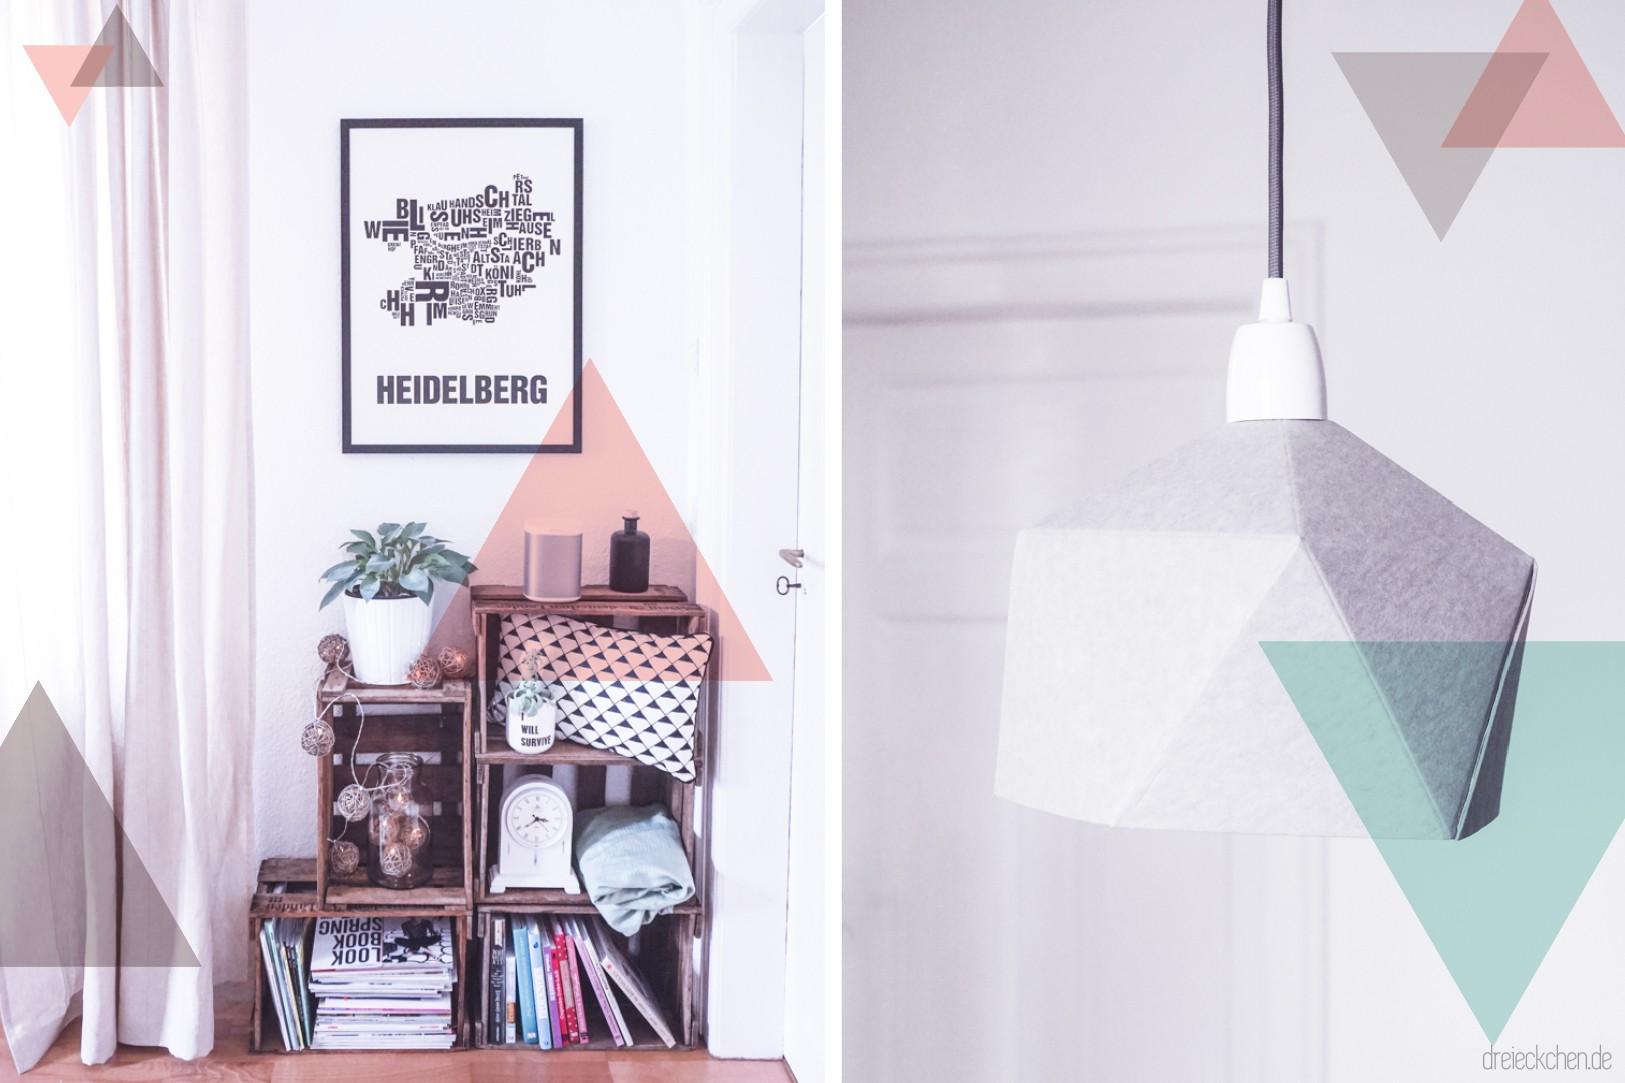 Wohnzimmer inspiration weinkisten regal mit deko ideen - Weinkisten ideen ...